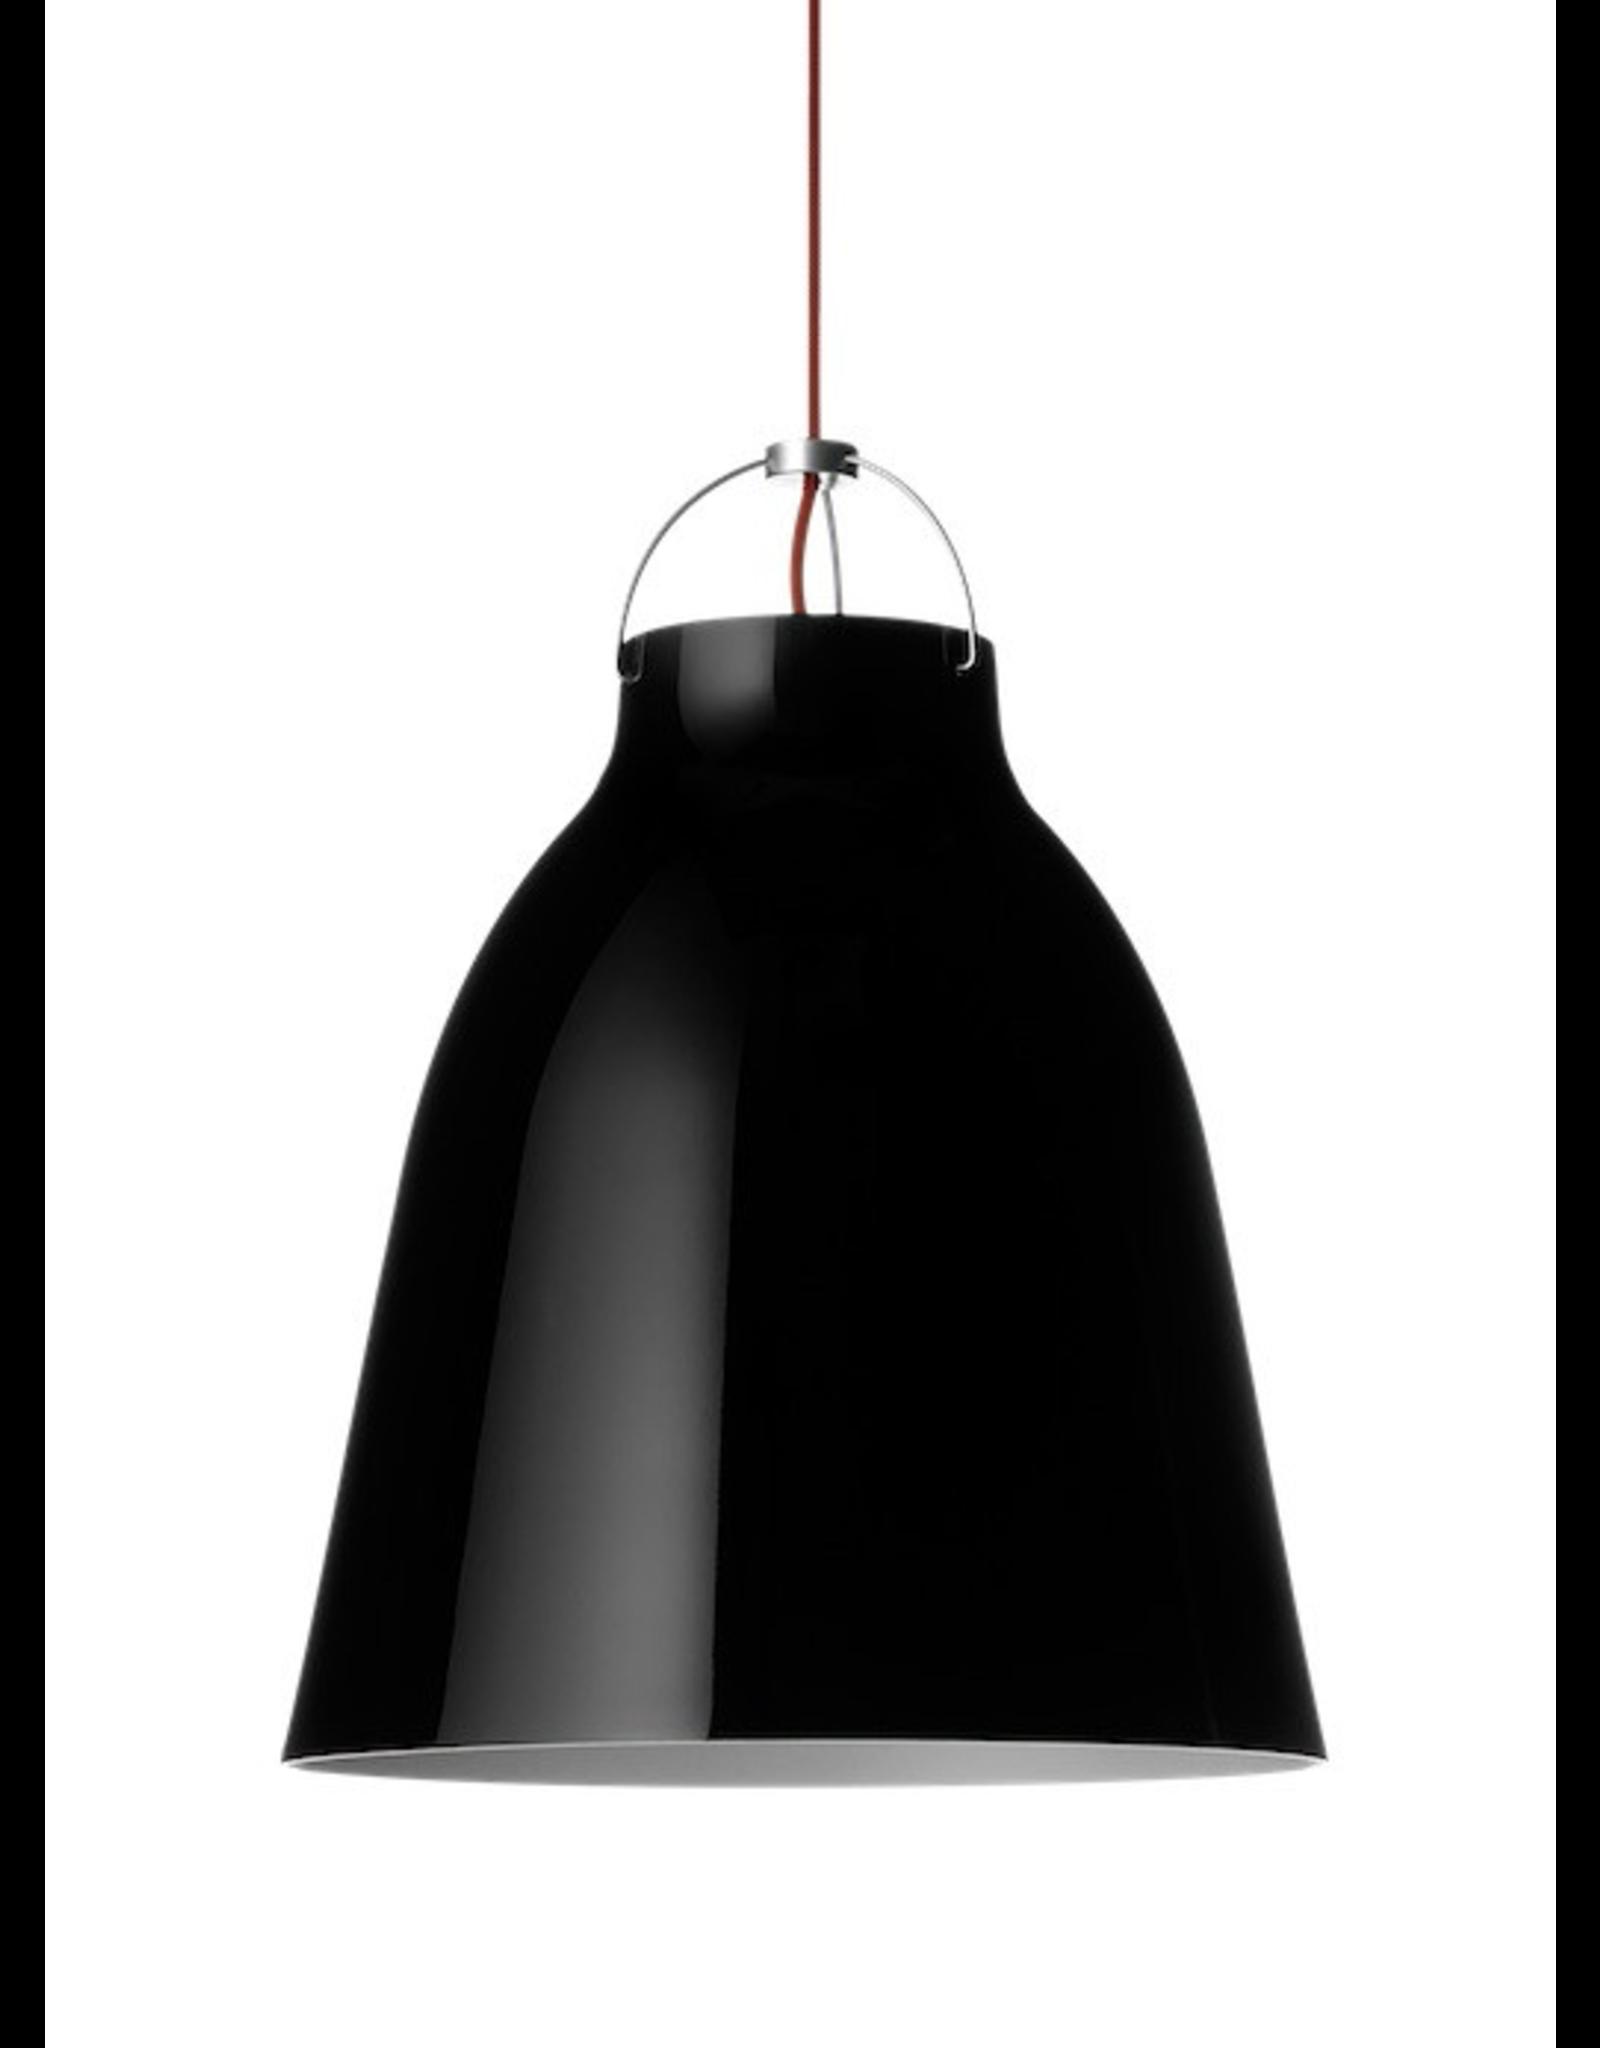 CARAVAGGIO STEEL PENDANT LIGHT IN BLACK HIGH GLOSS LACQUER